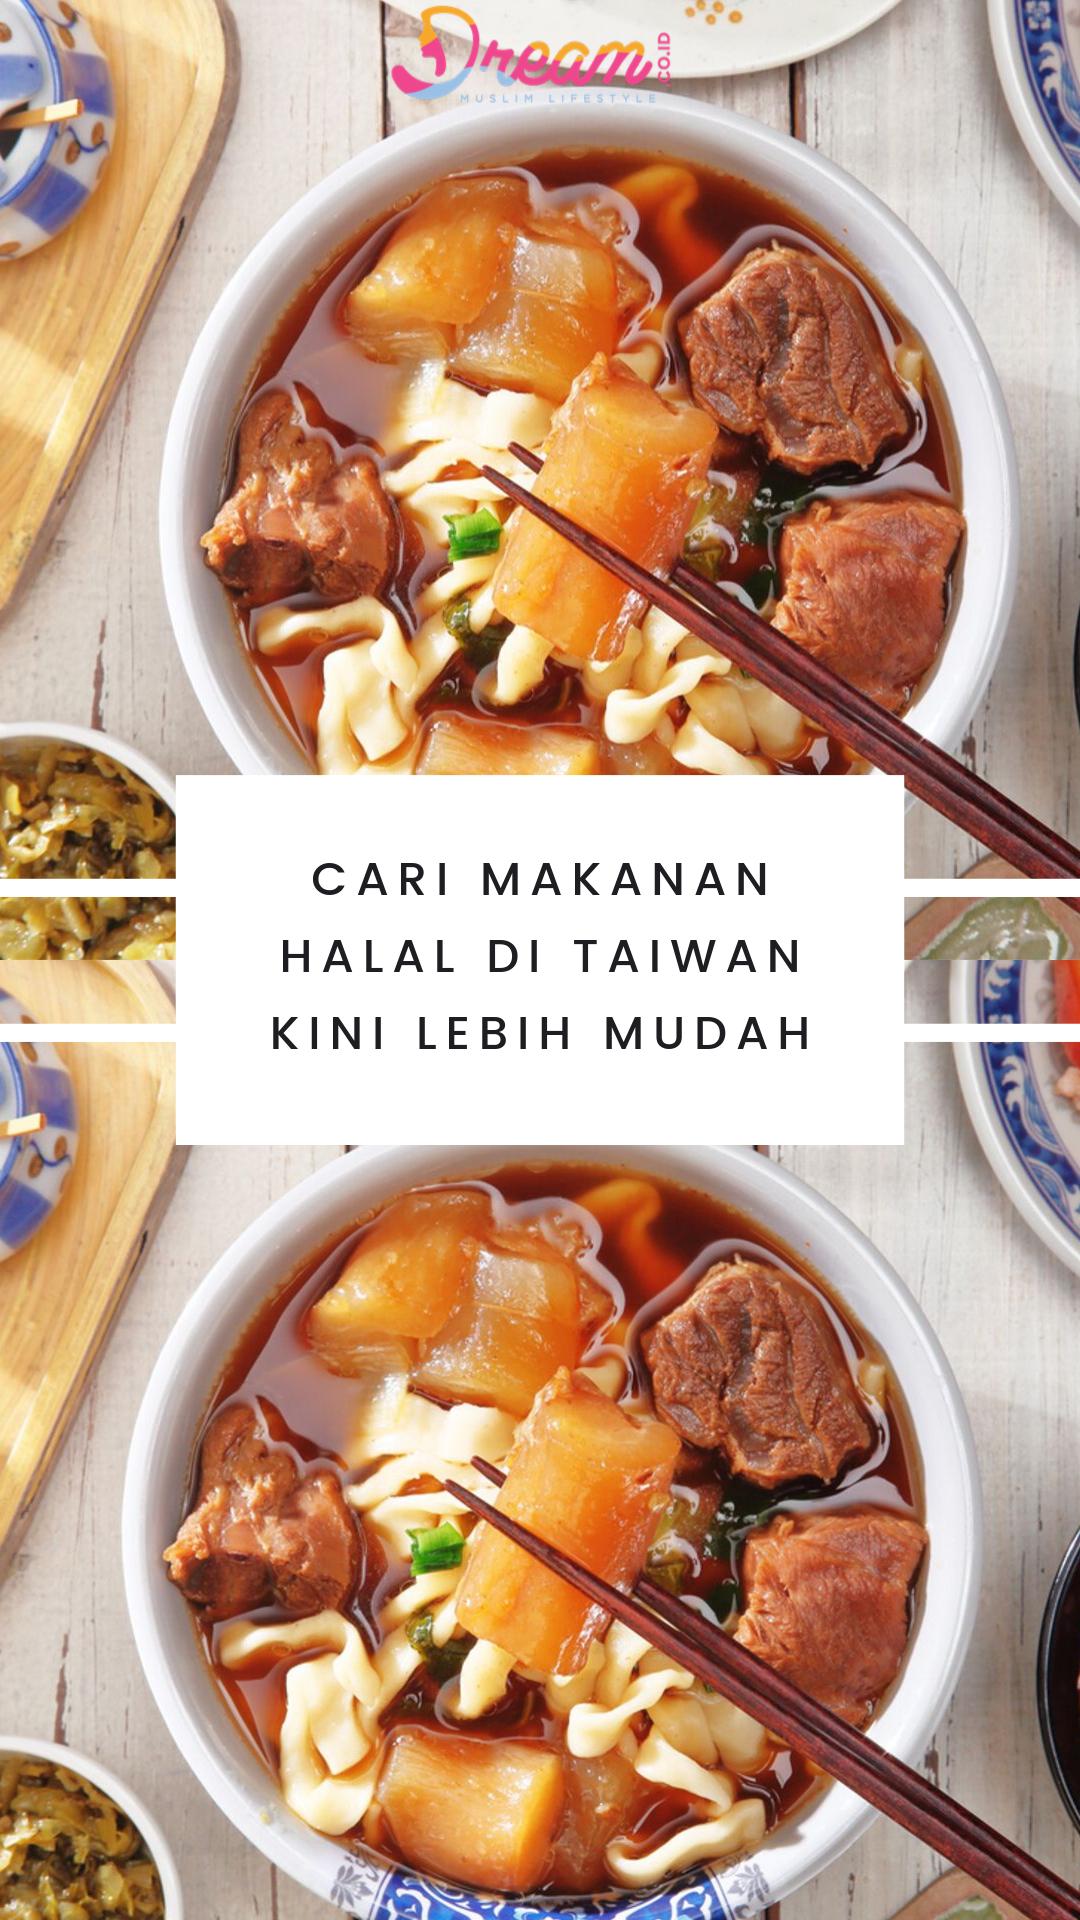 Cari Makanan Halal Di Taiwan Kini Lebih Mudah Makanan Taiwan Restoran